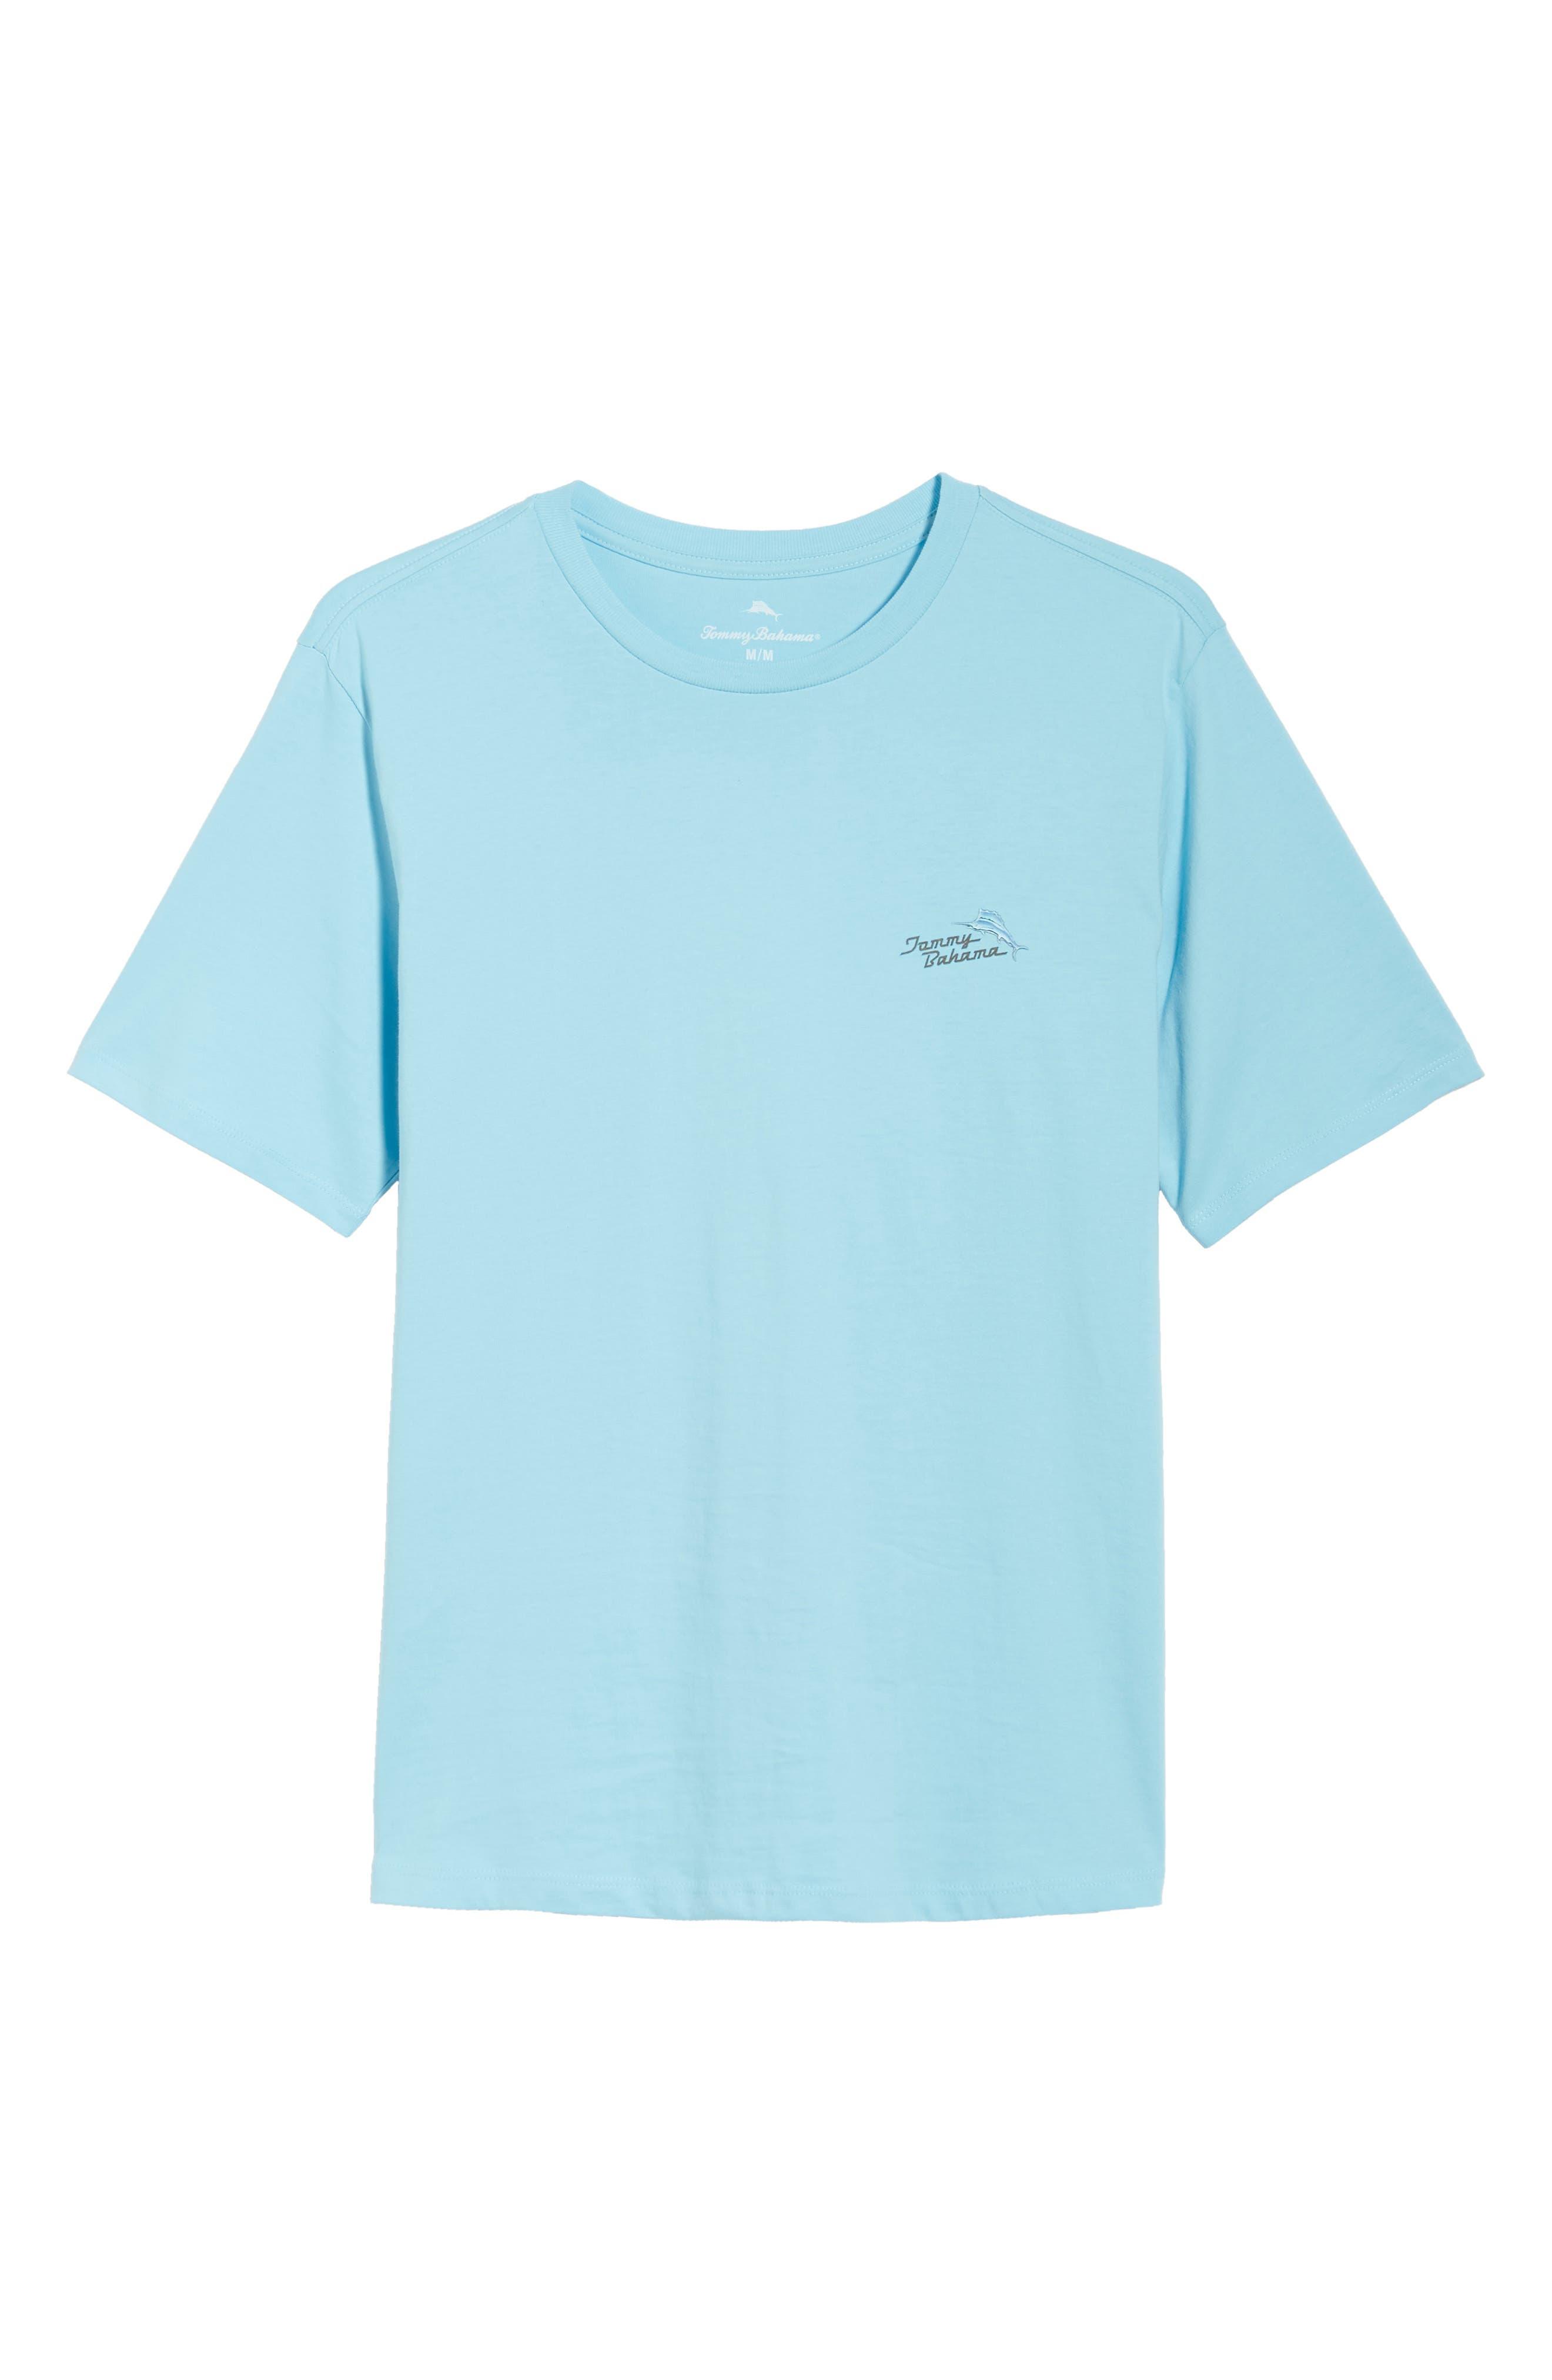 Beach Grille T-Shirt,                             Alternate thumbnail 6, color,                             Bowtie Blue